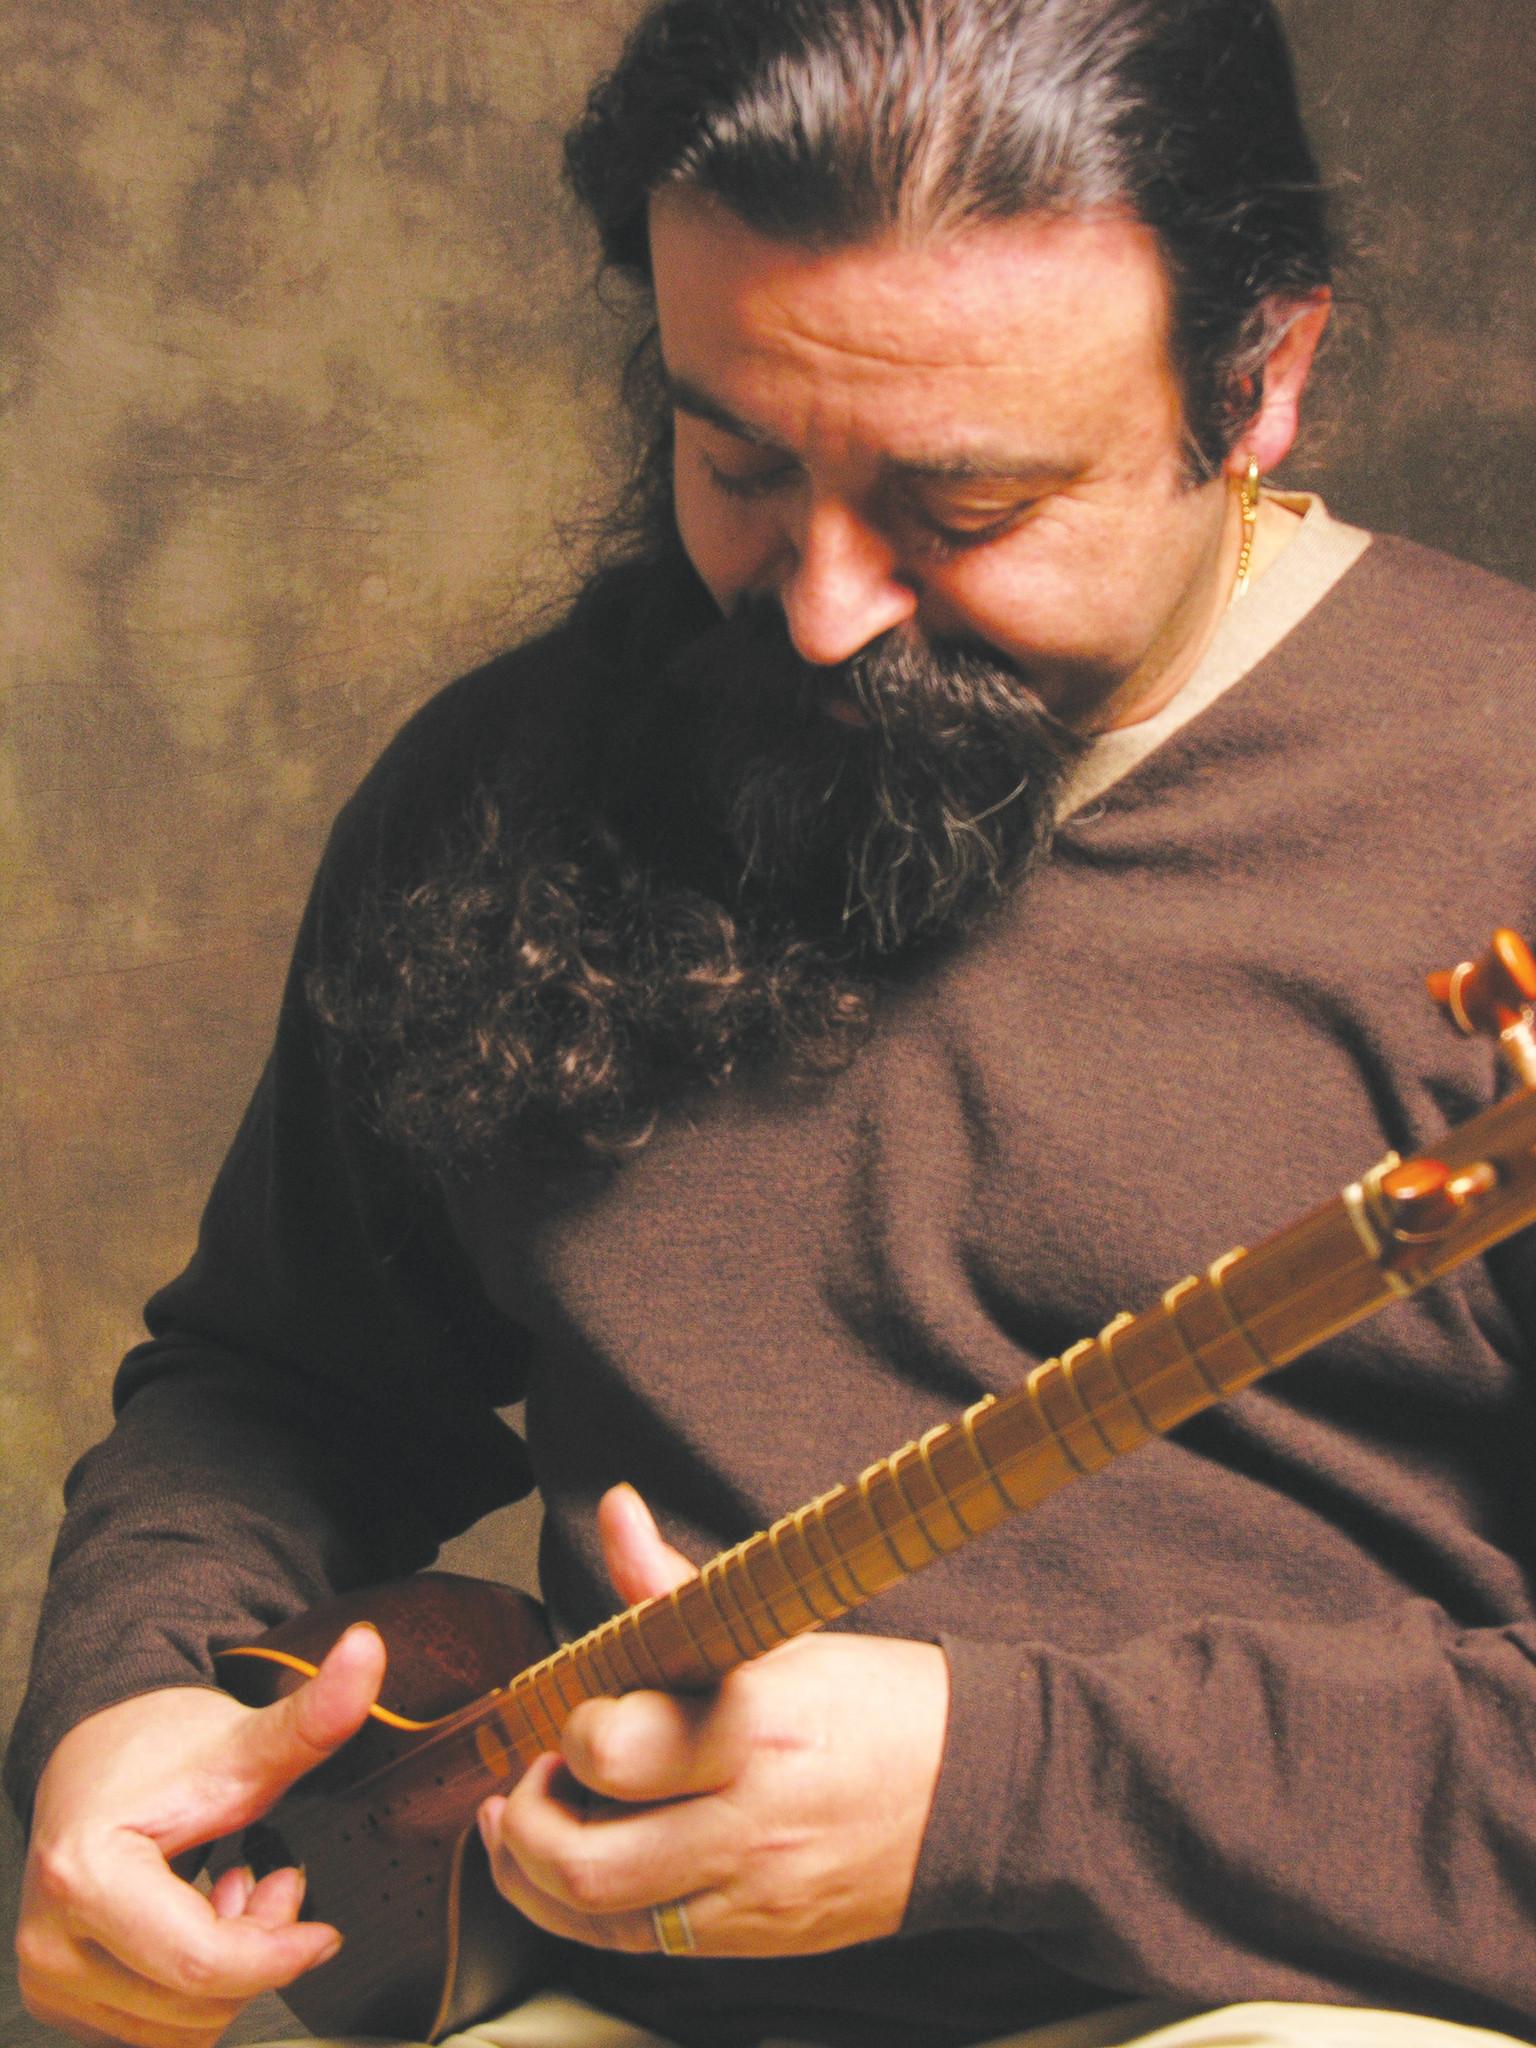 Kourosh Taghavi